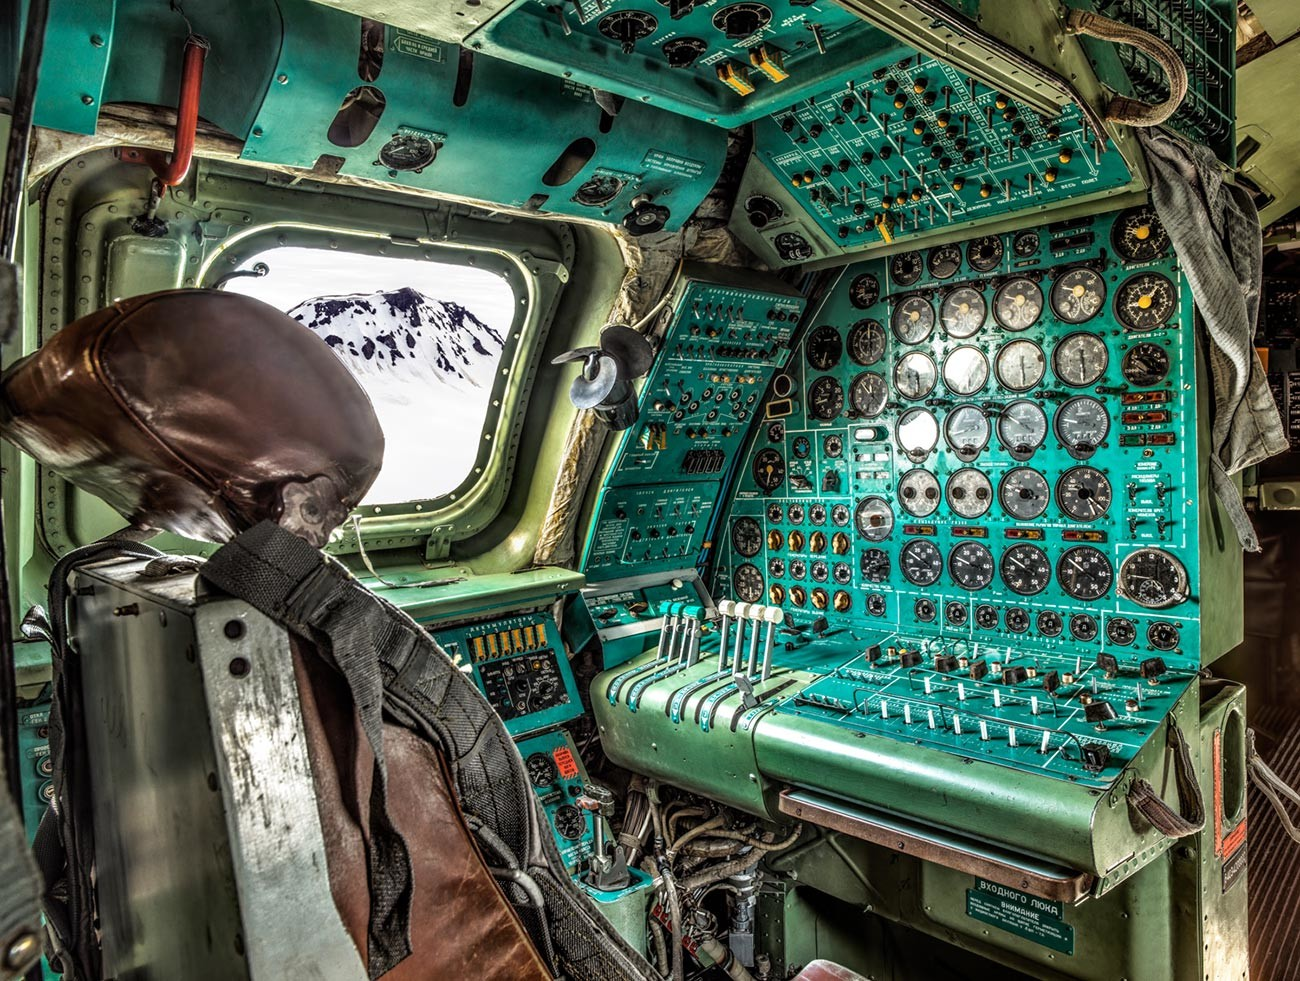 Großer, viermotoriger strategischer Bomber mit Turboprop-Antrieb, Tupolew Tu-95